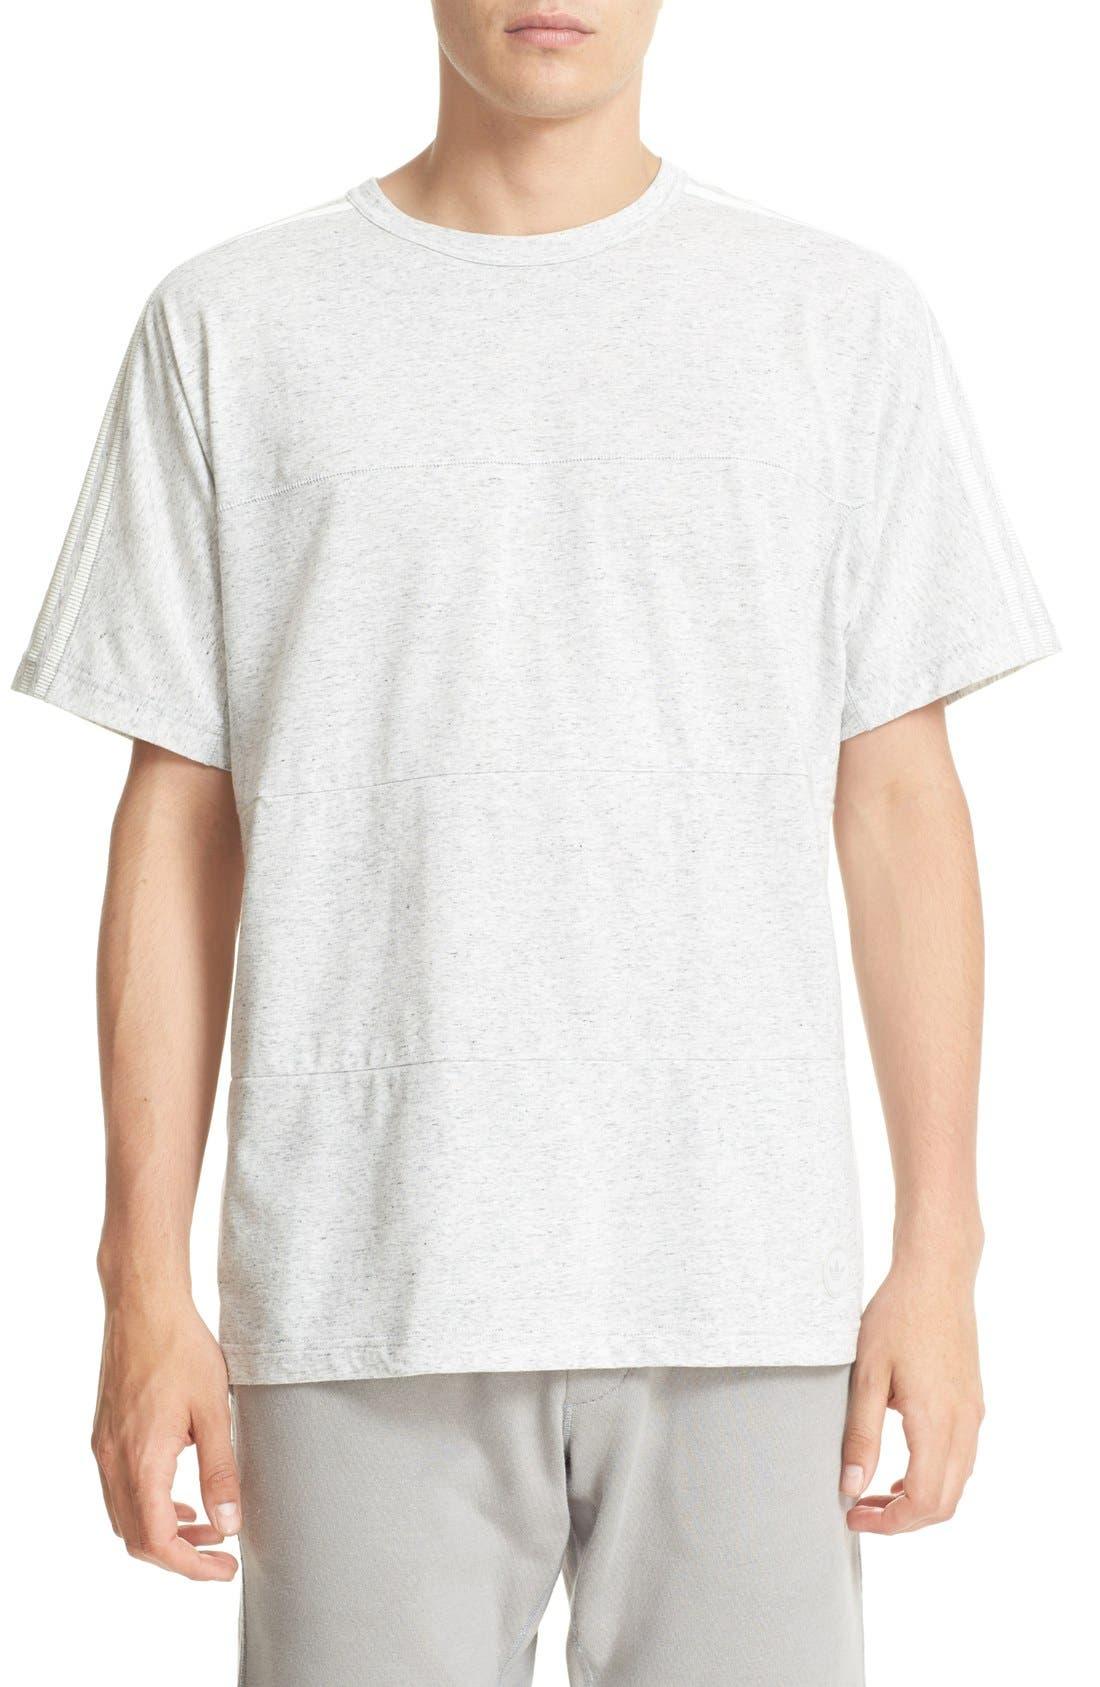 Cotton Blend T-Shirt,                         Main,                         color, Off White